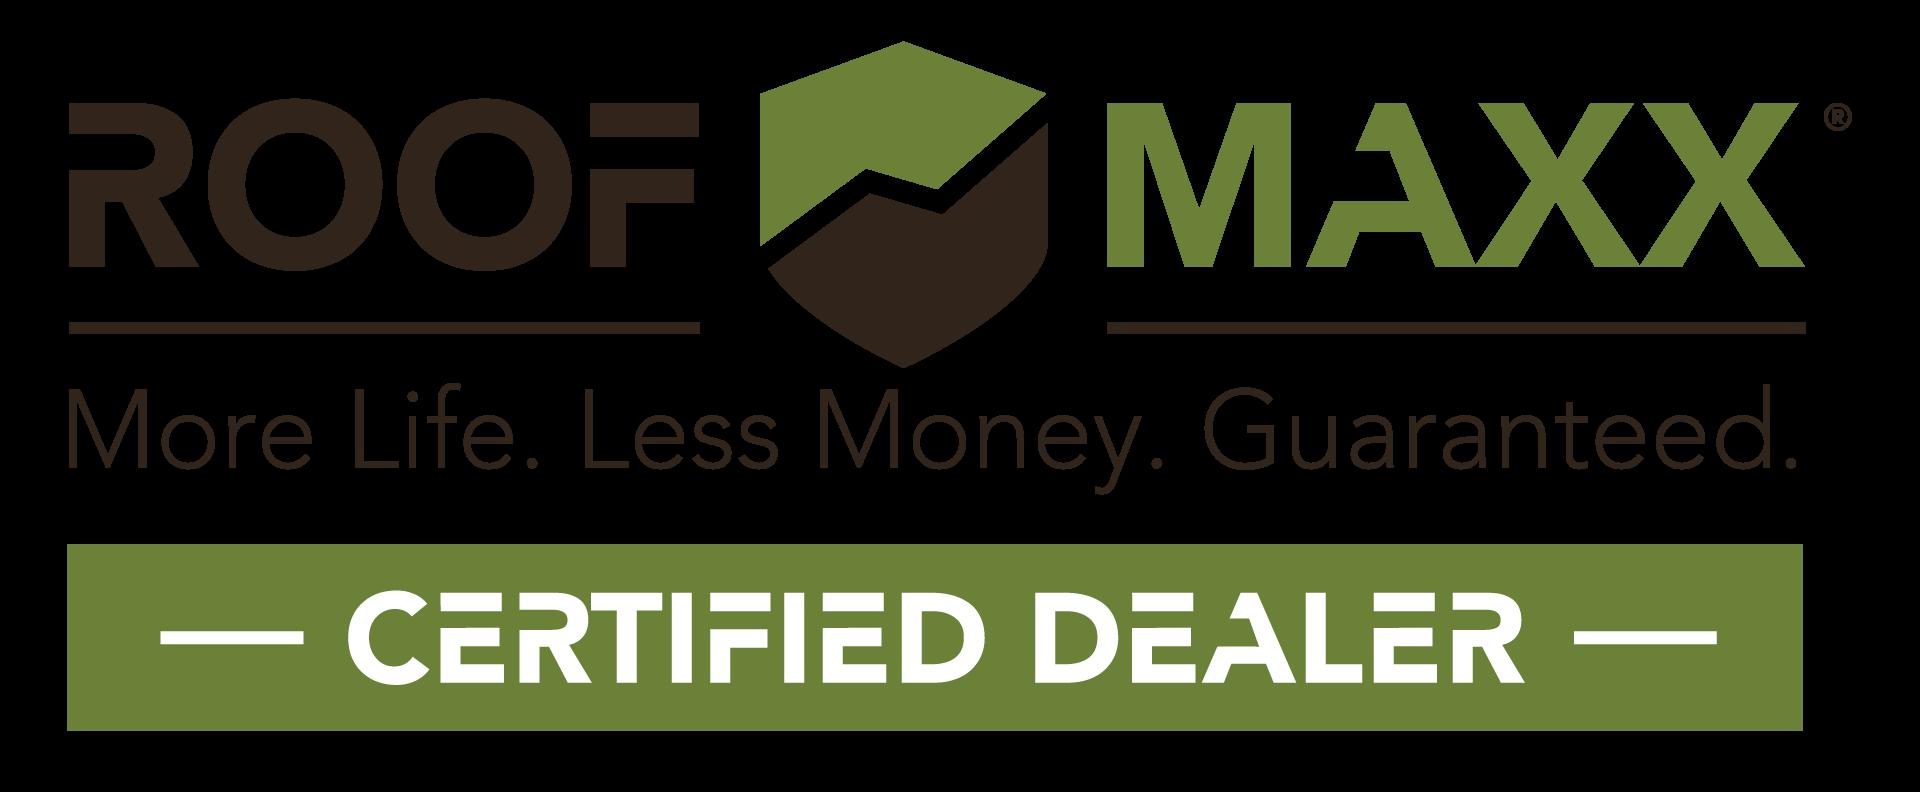 Certifiedroofmaxxdealer